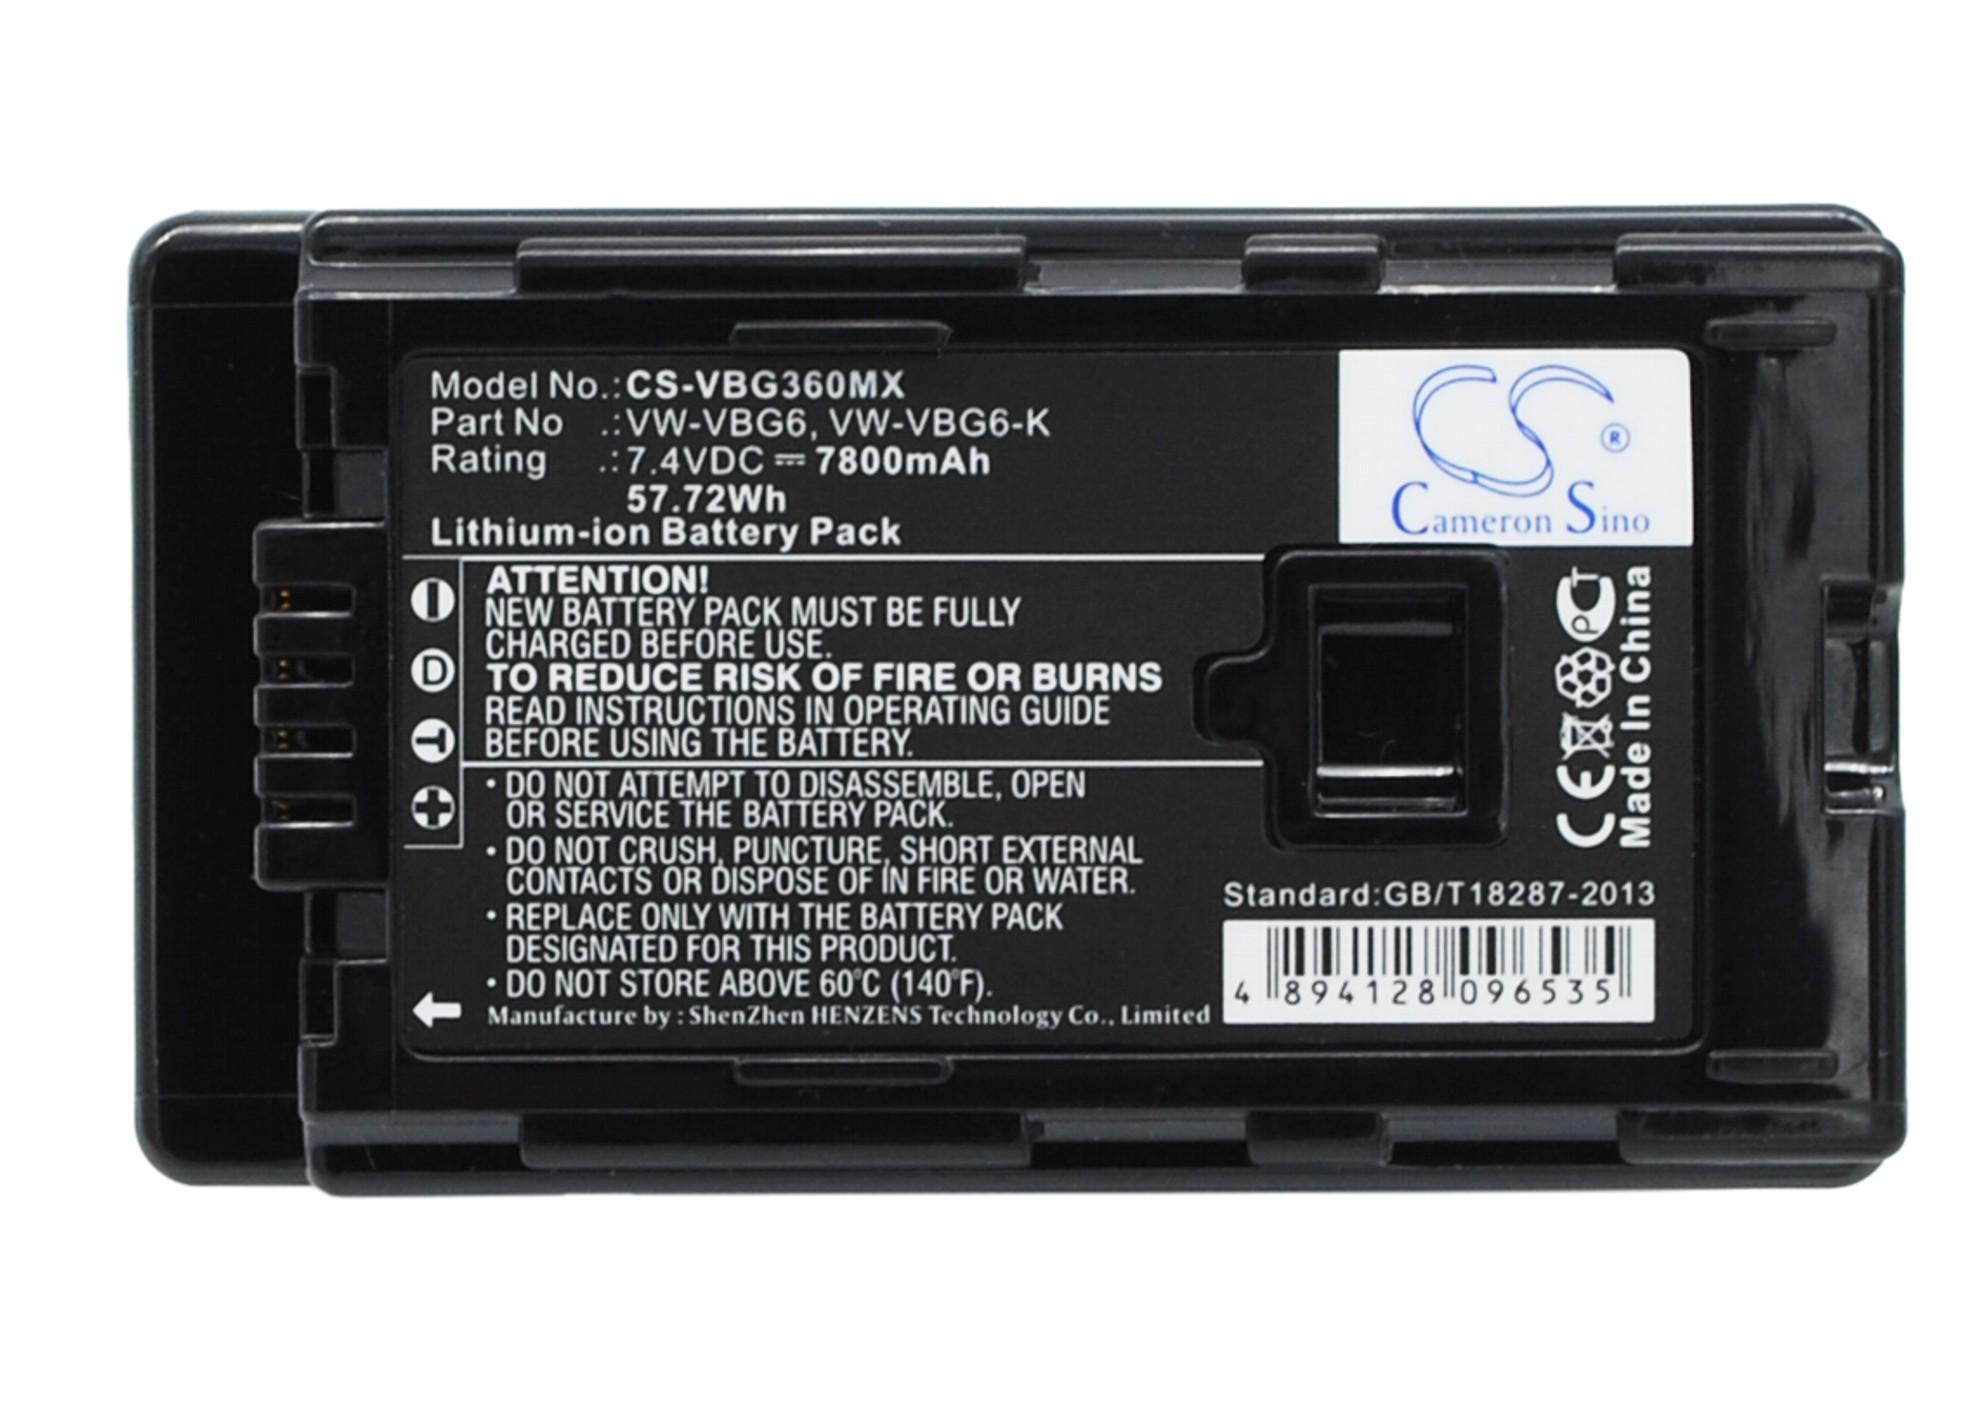 Cameron Sino baterie do kamer a fotoaparátů pro PANASONIC HDC-SD5EG-K 7.4V Li-ion 7800mAh černá - neoriginální